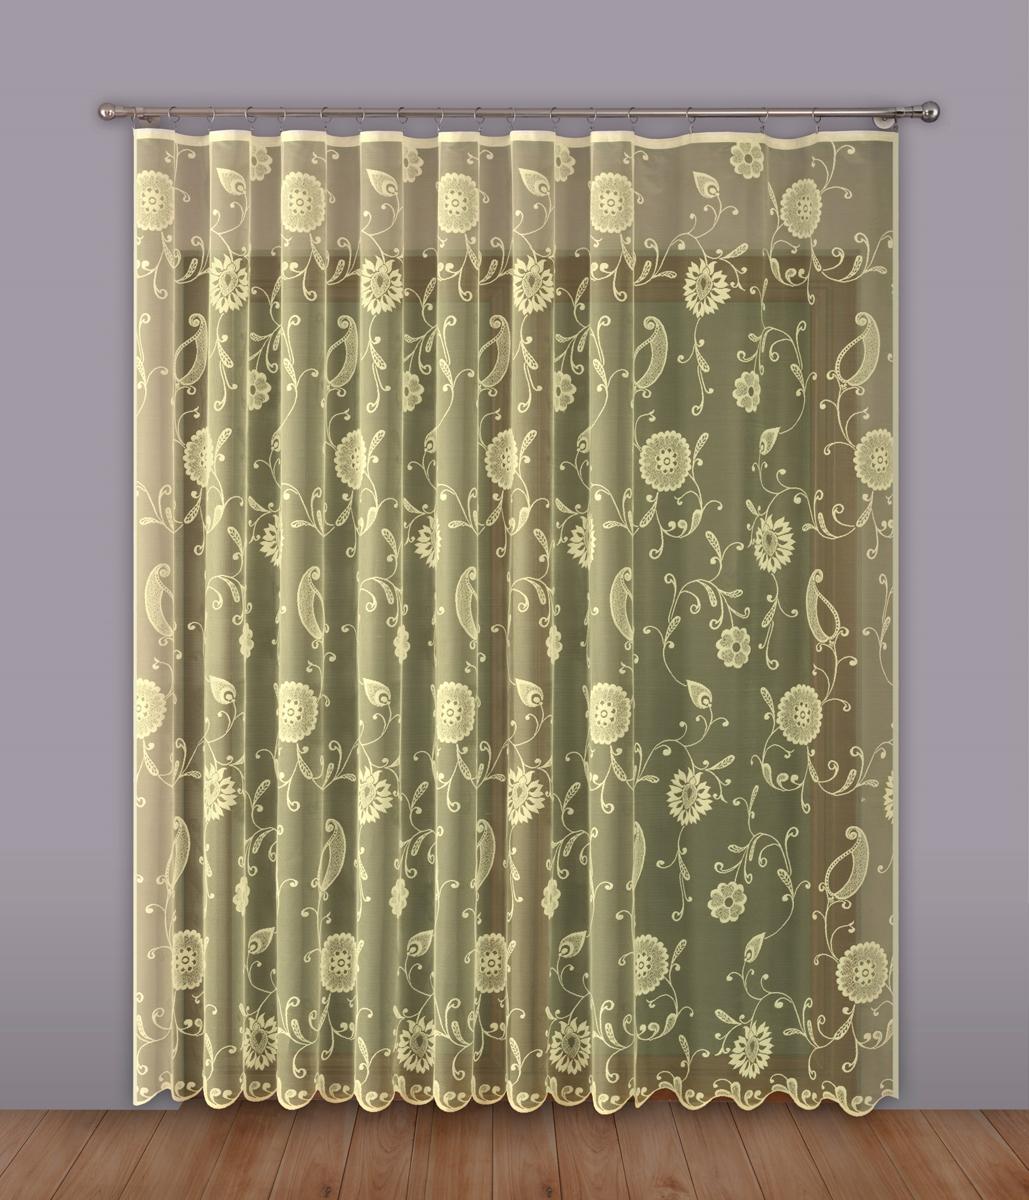 Тюль P Primavera Firany, на ленте, цвет: кремовый, высота 270 см, ширина 500 см. 11102991110299Тюль P Primavera Firany нежного цвета изготовлен из 100% полиэстера. Воздушная ткань привлечет к себе внимание и идеально оформит интерьер любого помещения. Полиэстер - вид ткани, состоящий из полиэфирных волокон. Ткани из полиэстера легкие, прочные и износостойкие. Такие изделия не требуют специального ухода, не пылятся и почти не мнутся. Крепление к карнизу осуществляется при помощи вшитой шторной ленты.